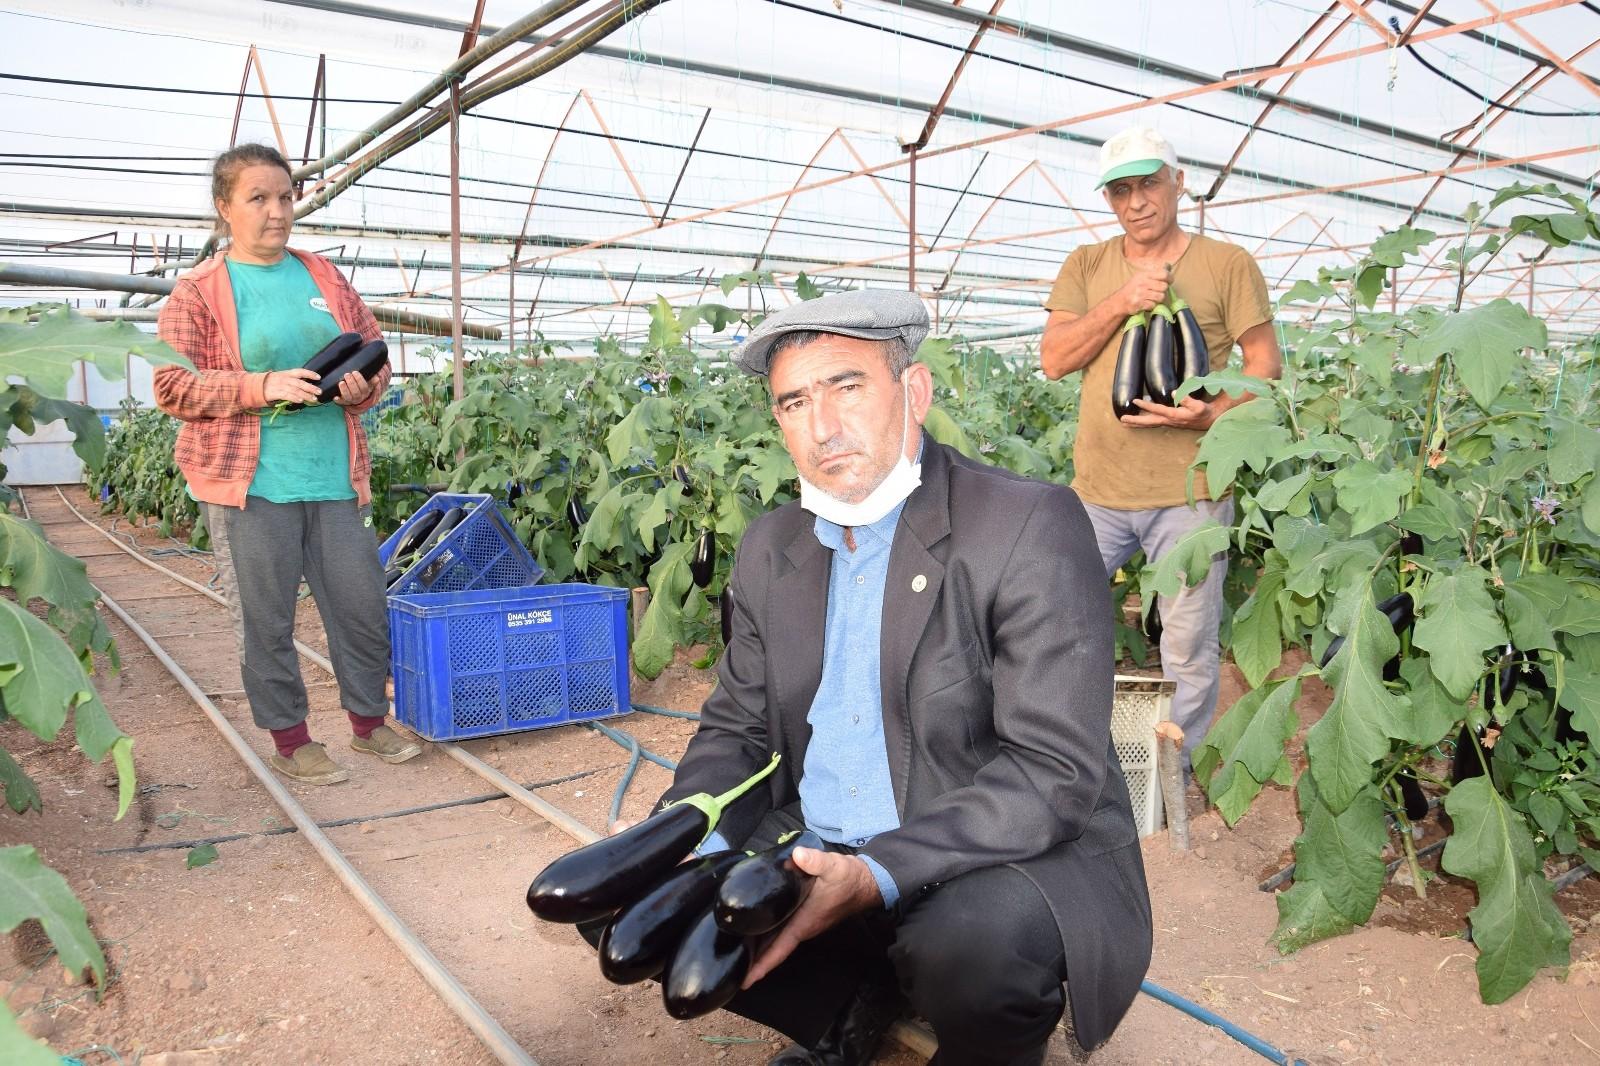 Antalya Ticaret Borsası (ATB), Mart ayı Antalya halleri domates, sebze ve meyve endeksini açıkladı.